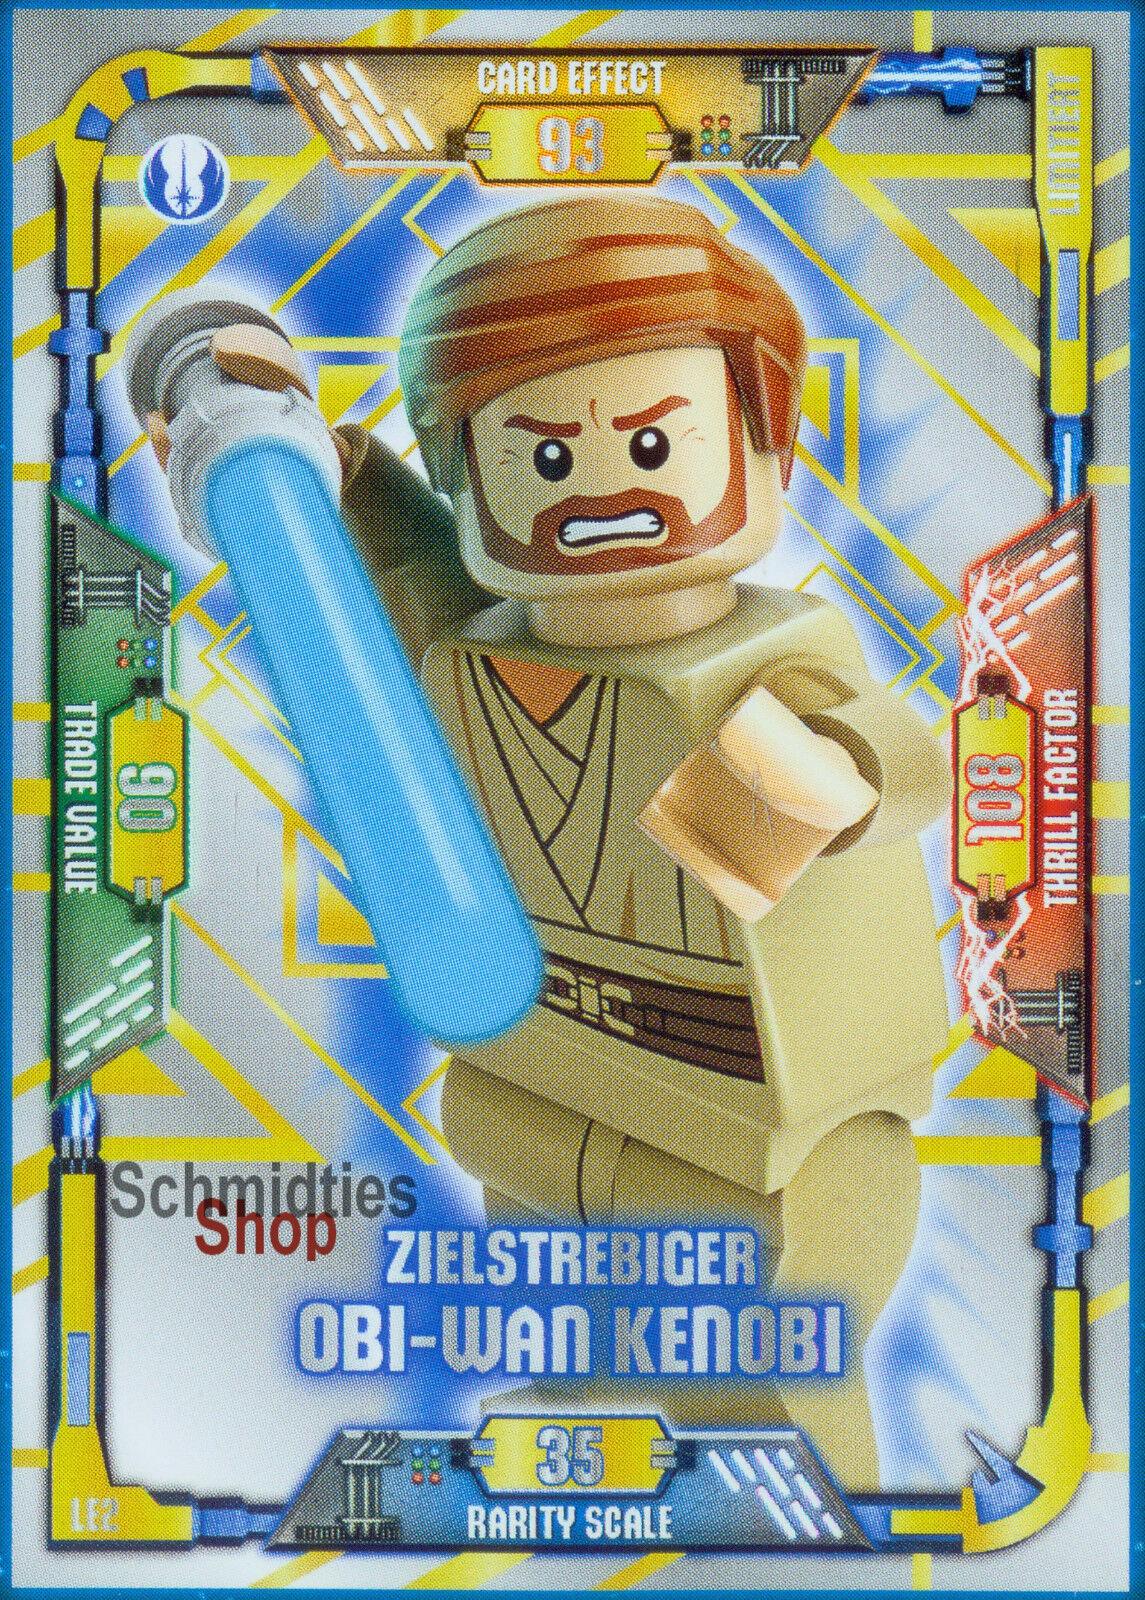 Star Wars Karte.Lego Star Wars Limitierte Karte Gewappneter Anakin Skywalker Le 06